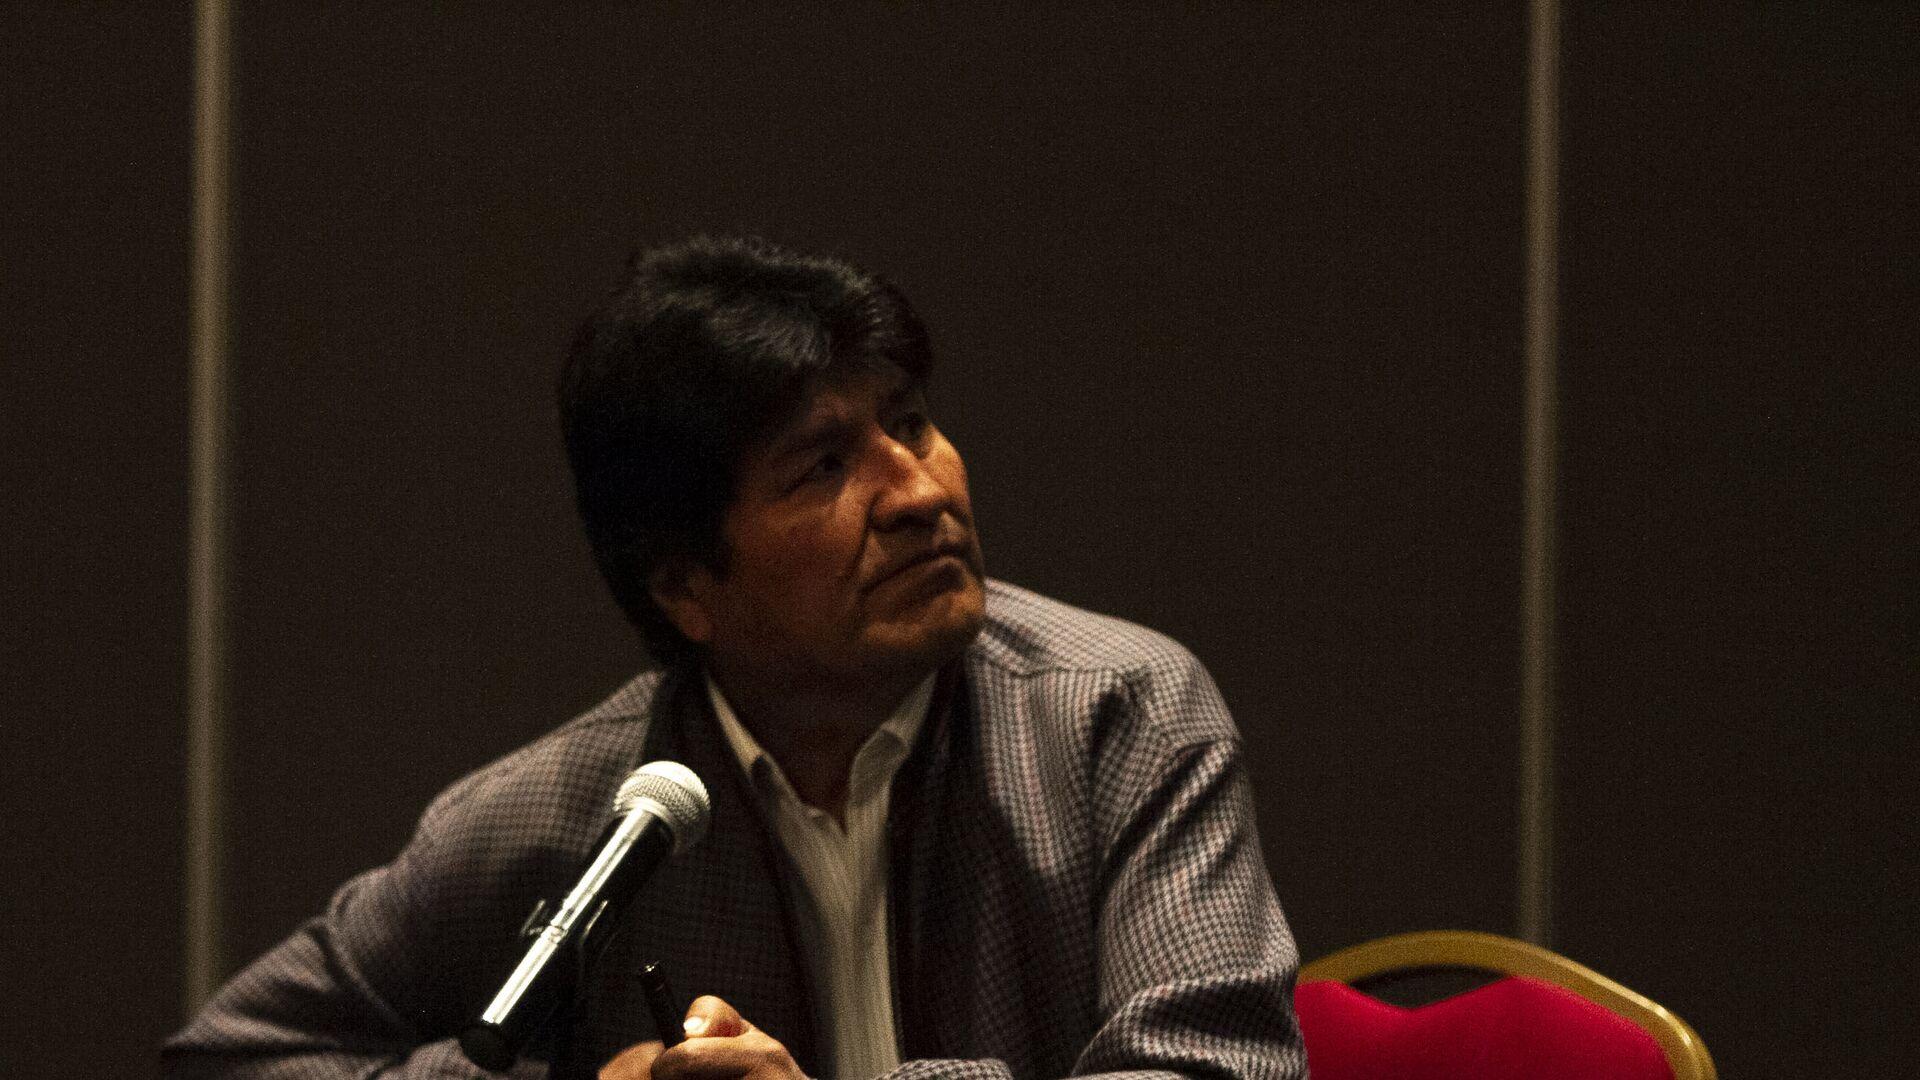 Evo Morales ofrece una rueda de prensa en la Ciudad de México, el 20 de noviembre de 2019 - Sputnik Mundo, 1920, 14.07.2021